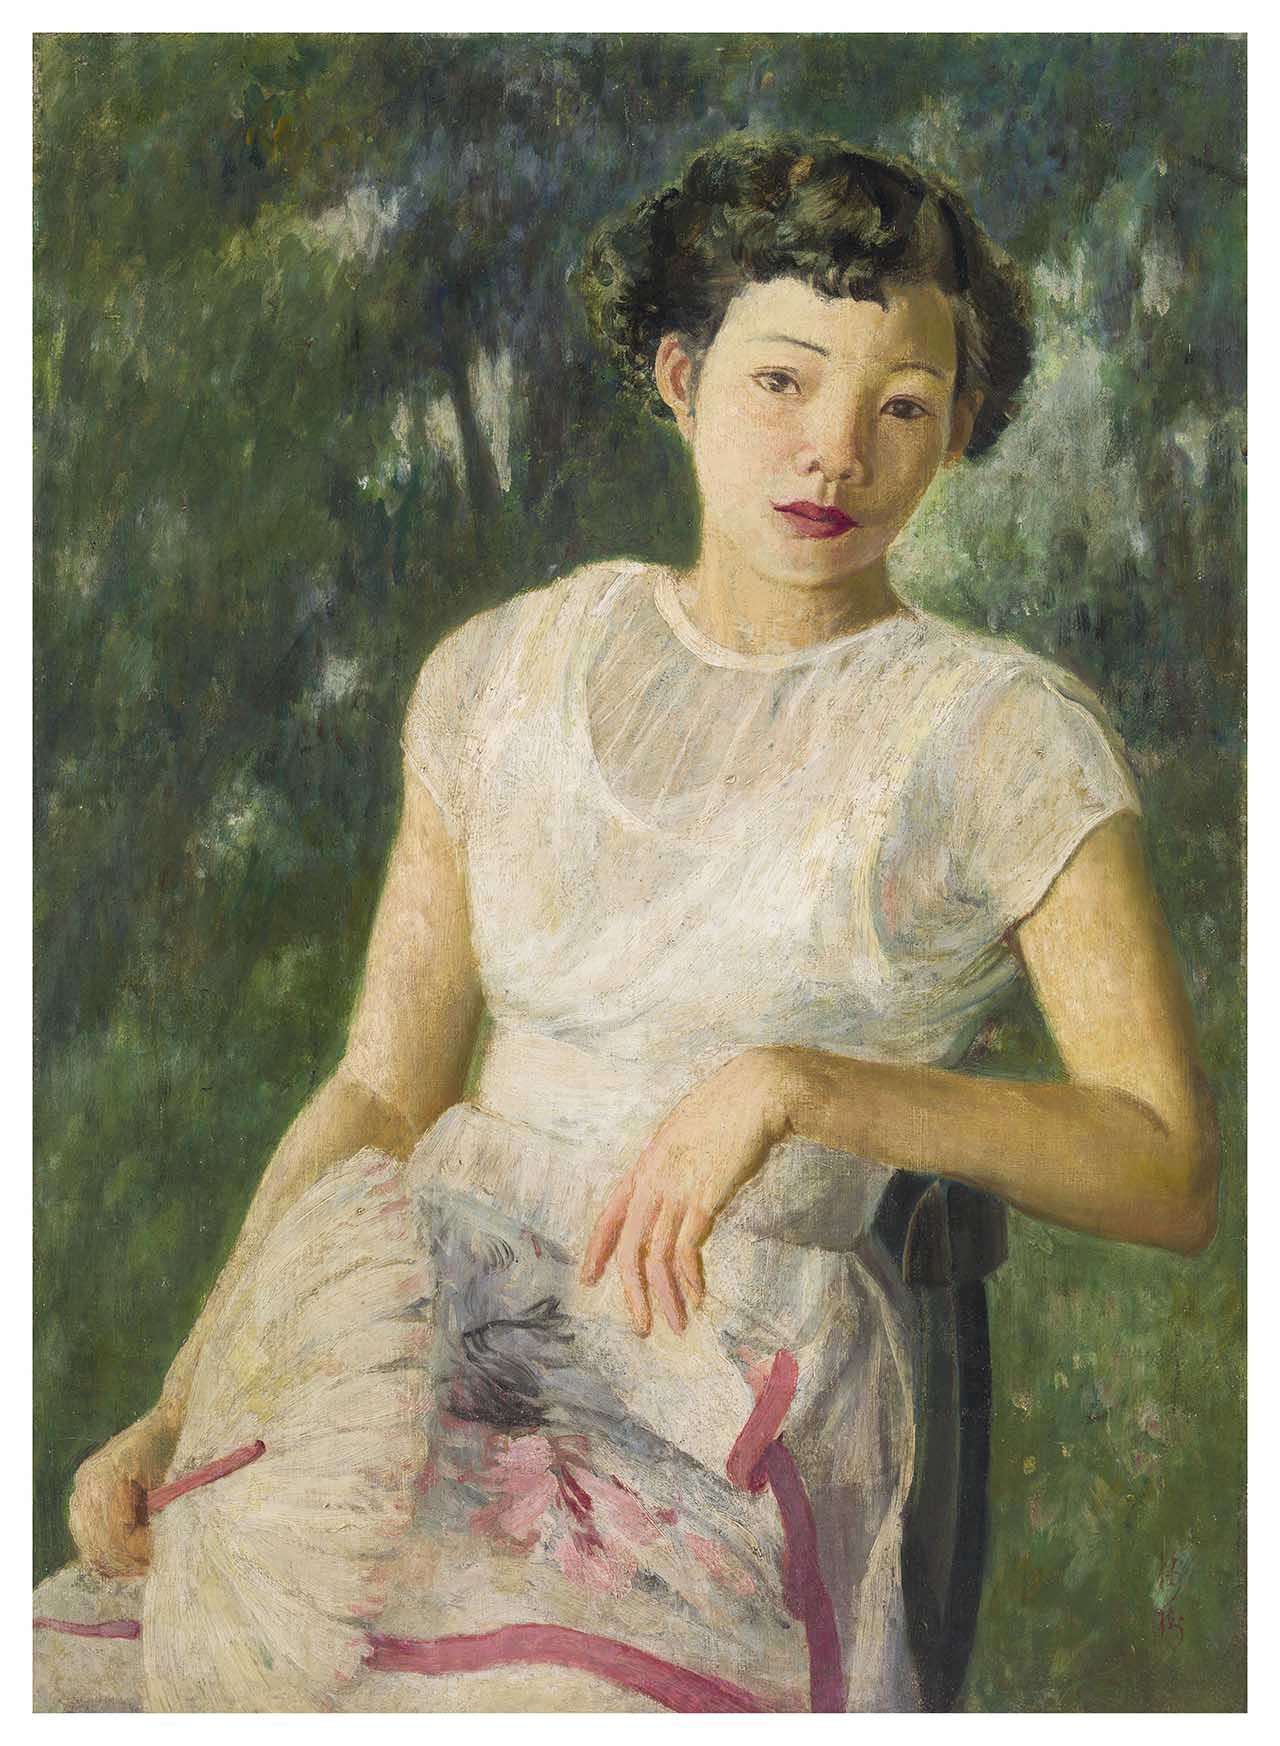 李梅树 穿白洋装的少女 油彩画布  72.5x60.5cm(20)